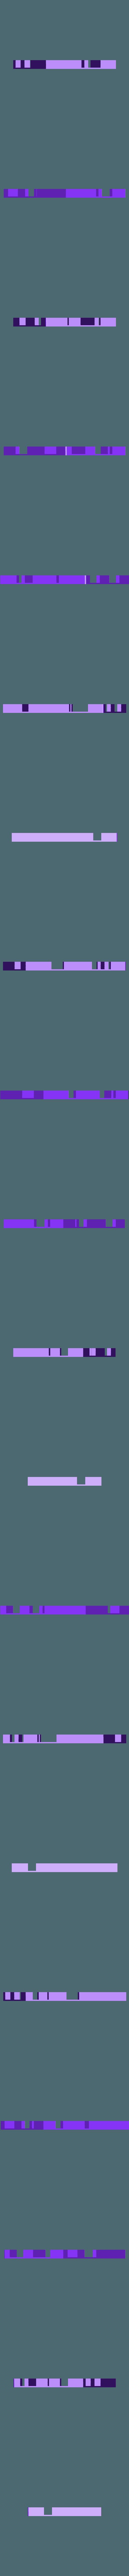 jabba-map-tray-2.STL Télécharger fichier STL gratuit Assaut impérial : Jabba's Realm - Organisateur de tuiles de carte • Plan pour impression 3D, nickgrawburg